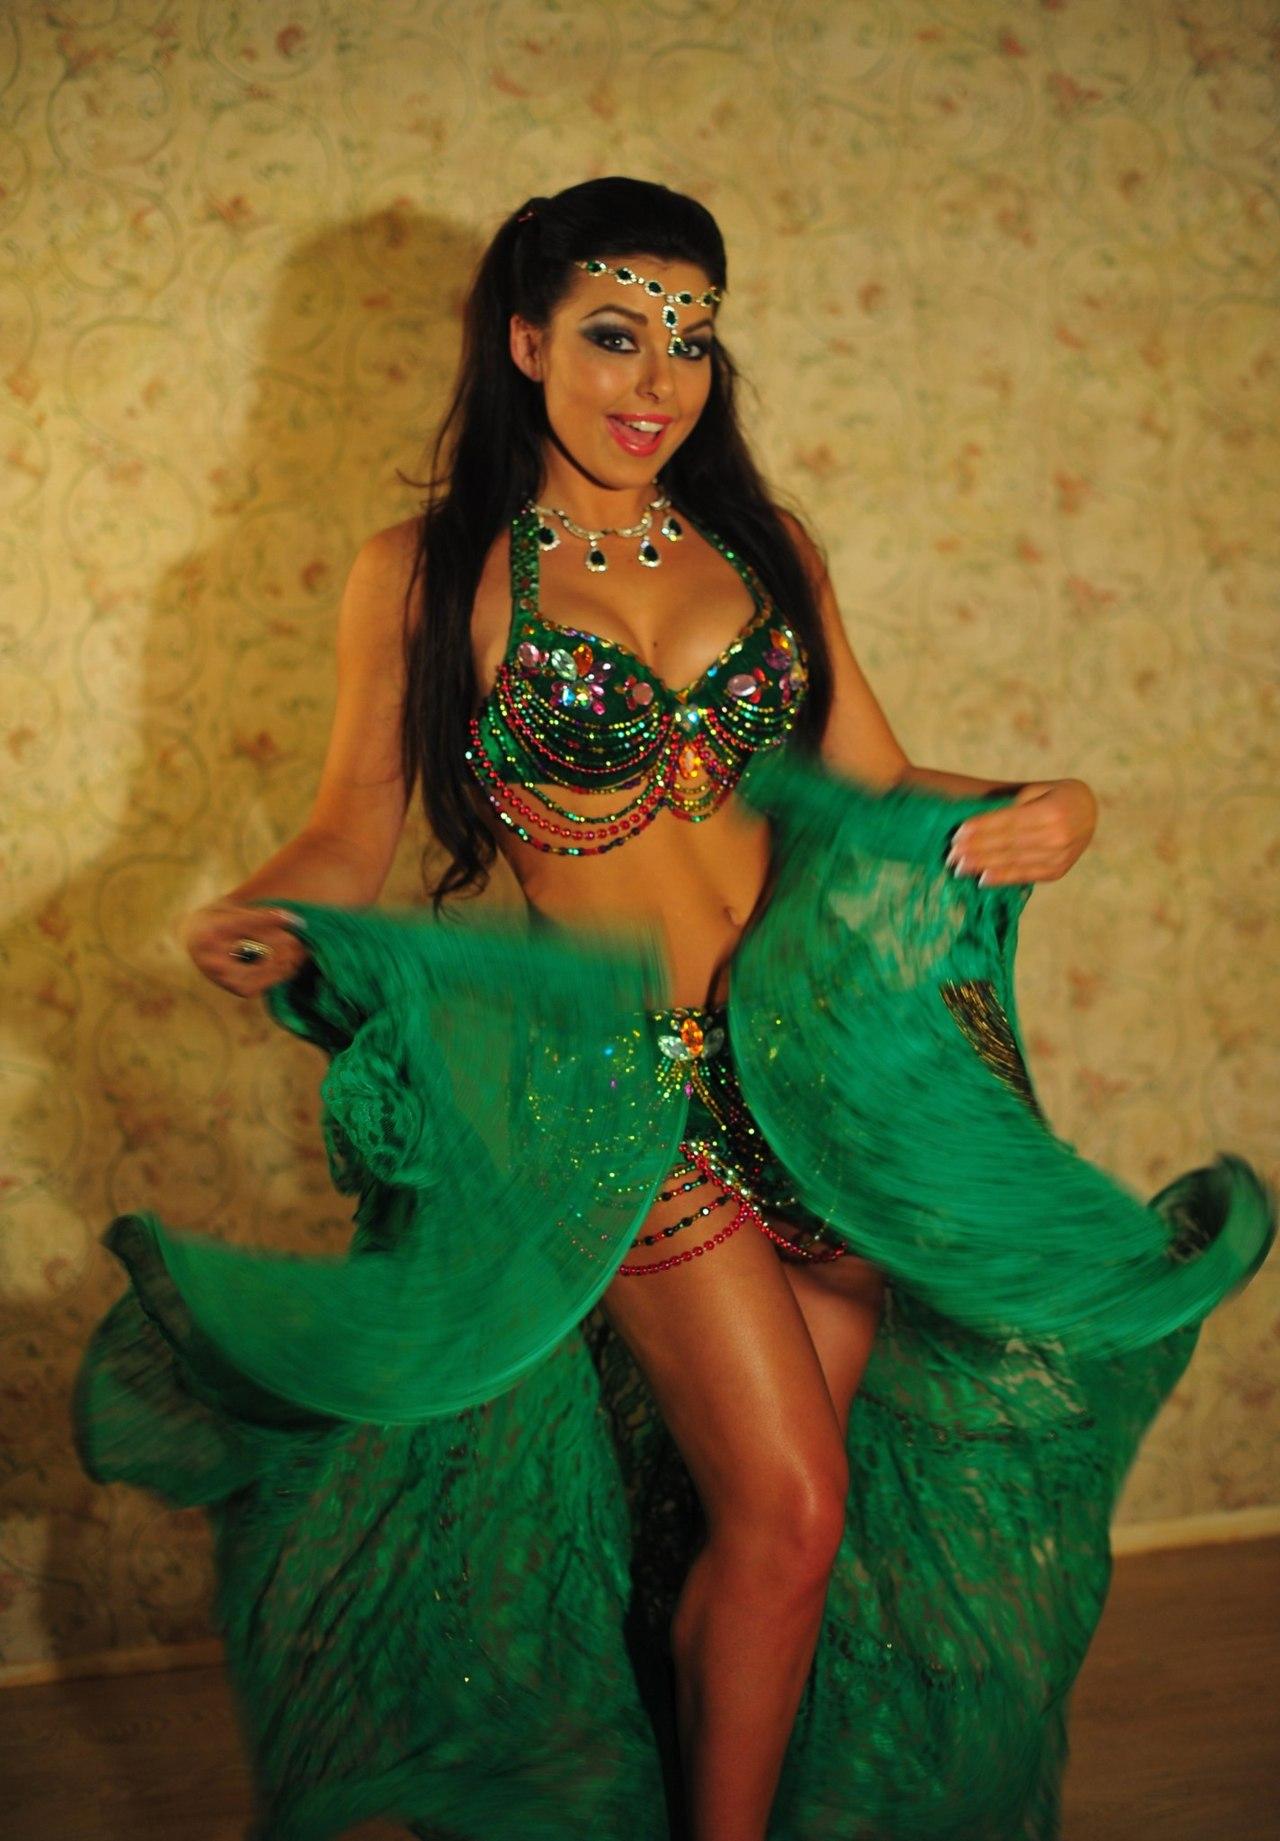 Танец живота как средство для похудения